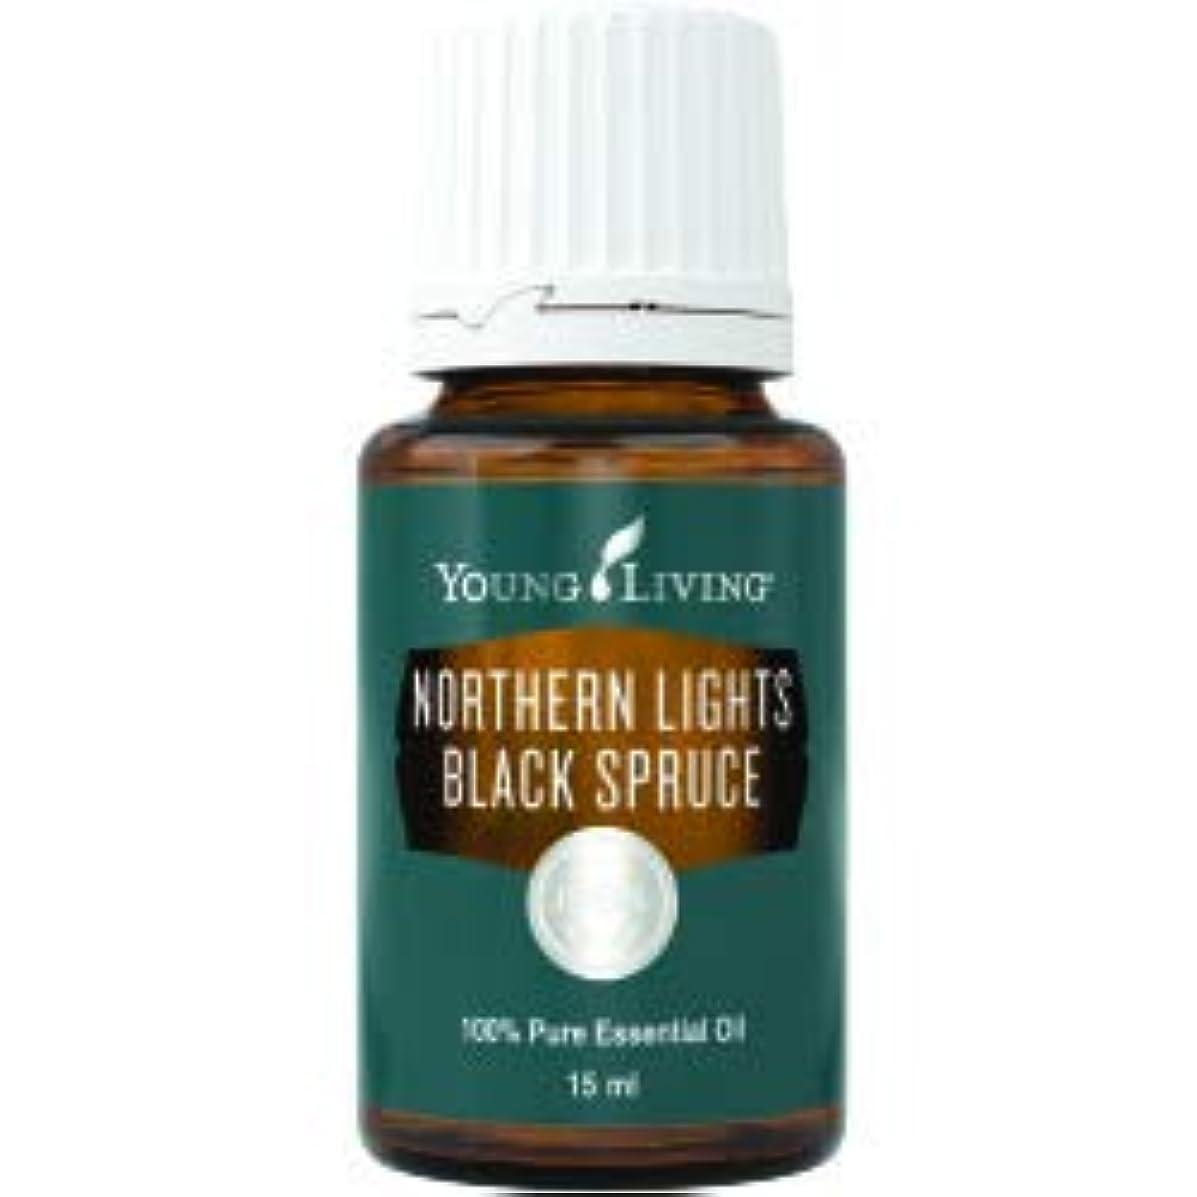 傘シフト資本主義ノーザンライツブラックスプルースエッセンシャルオイル15ml byヤングリビングエッセンシャルオイルマレーシア Northern Lights Black Spruce Essential Oil 15ml by Young...